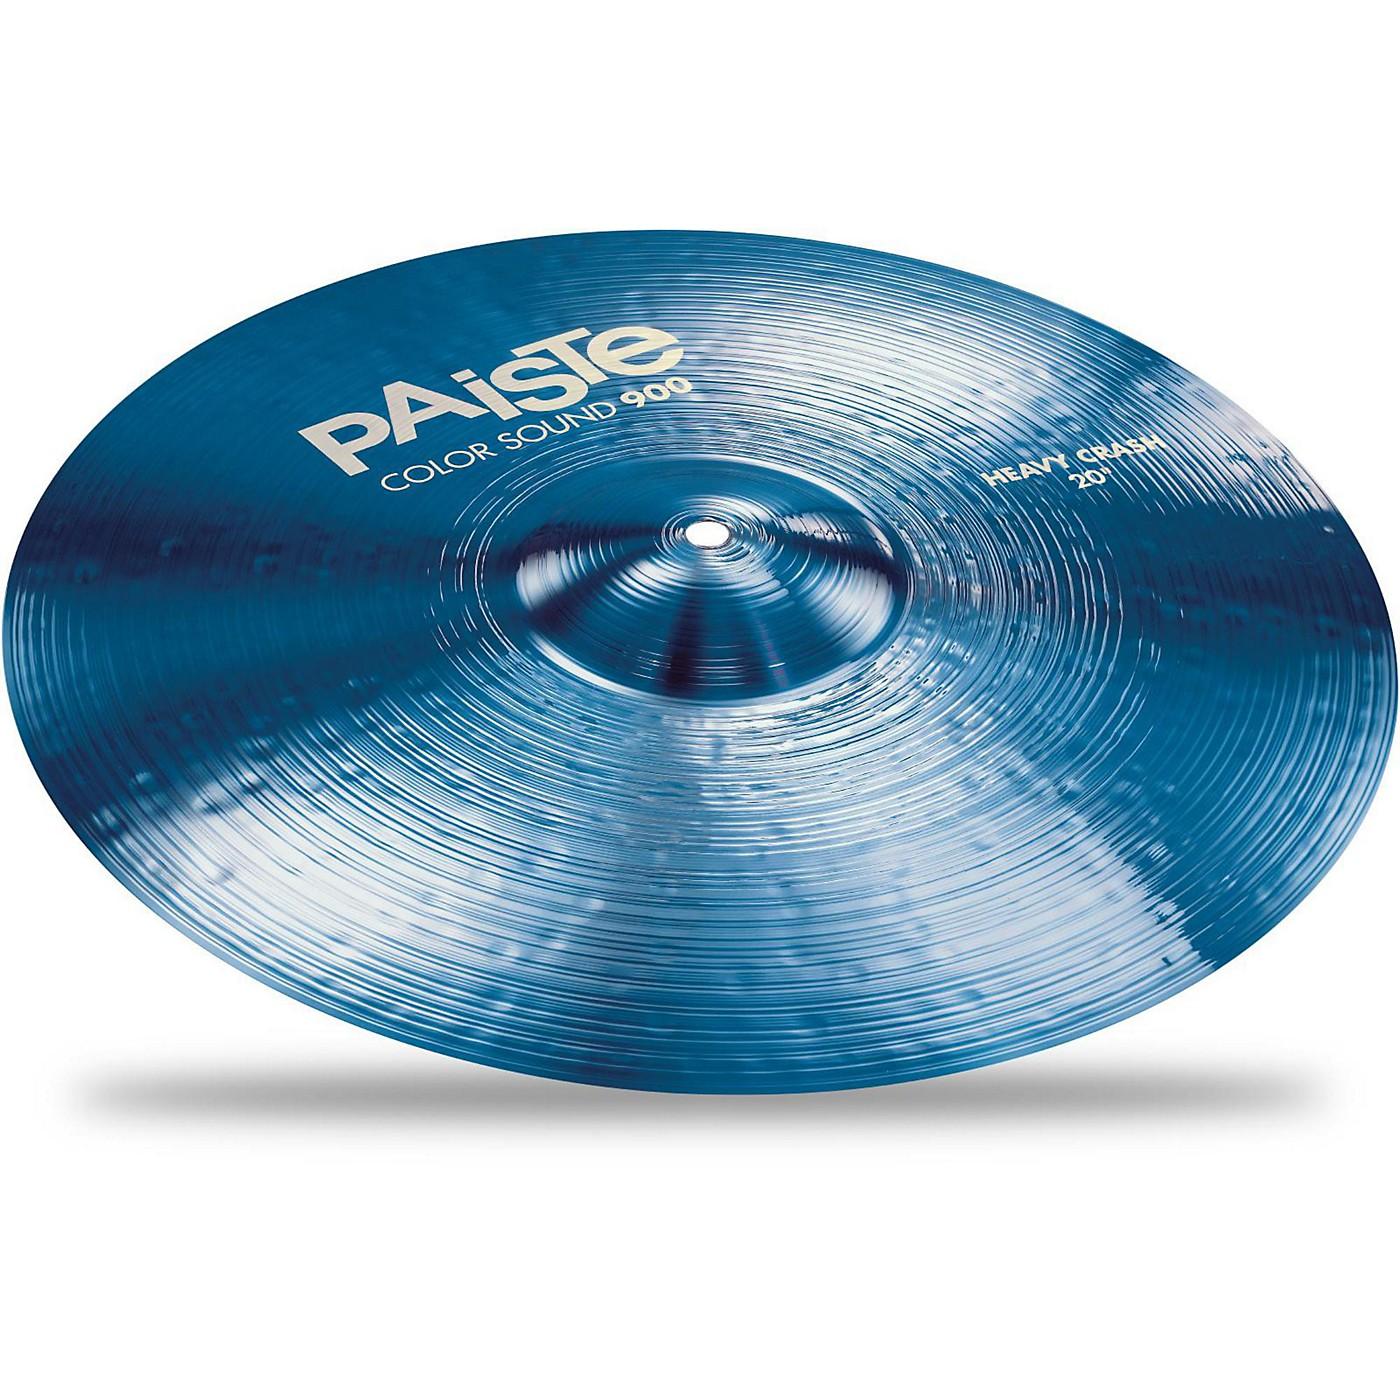 Paiste Colorsound 900 Heavy Crash Cymbal Blue thumbnail